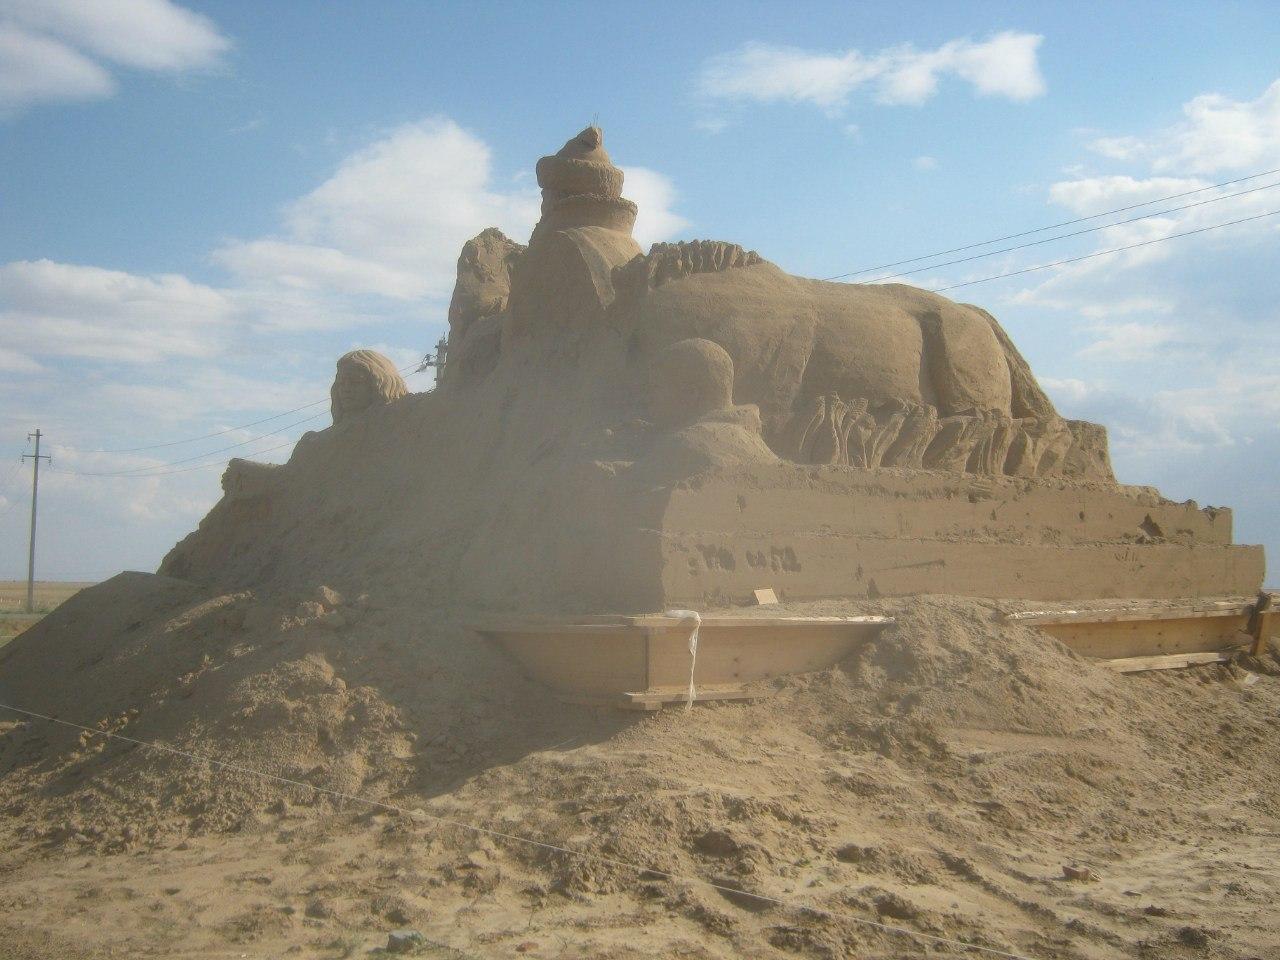 калмыцко-буддистский памятник (по трассе Волгоград-Астрахань)